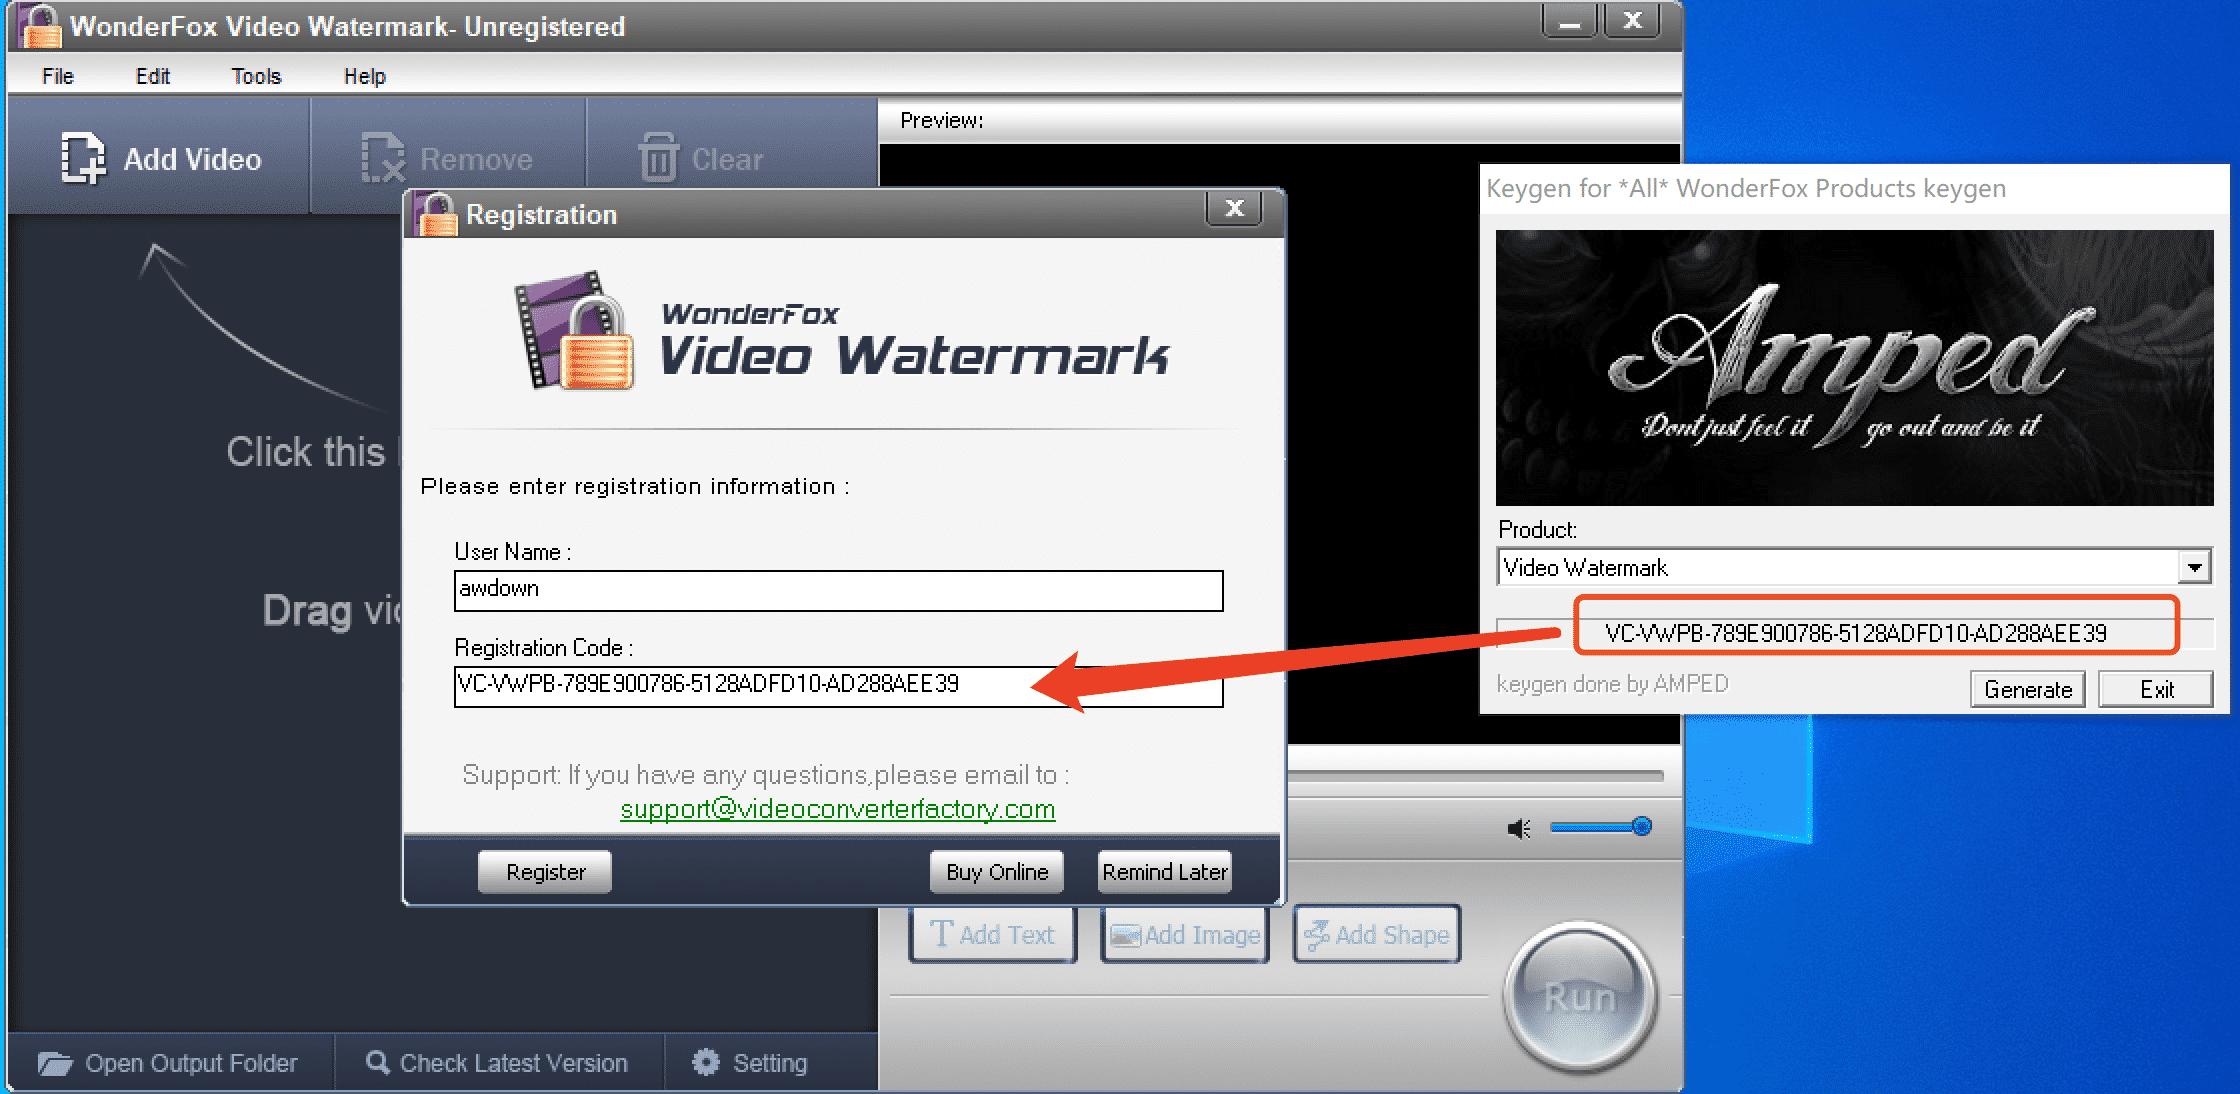 WonderFox Video Watermark v3.3 豌豆狐视频加水印软件